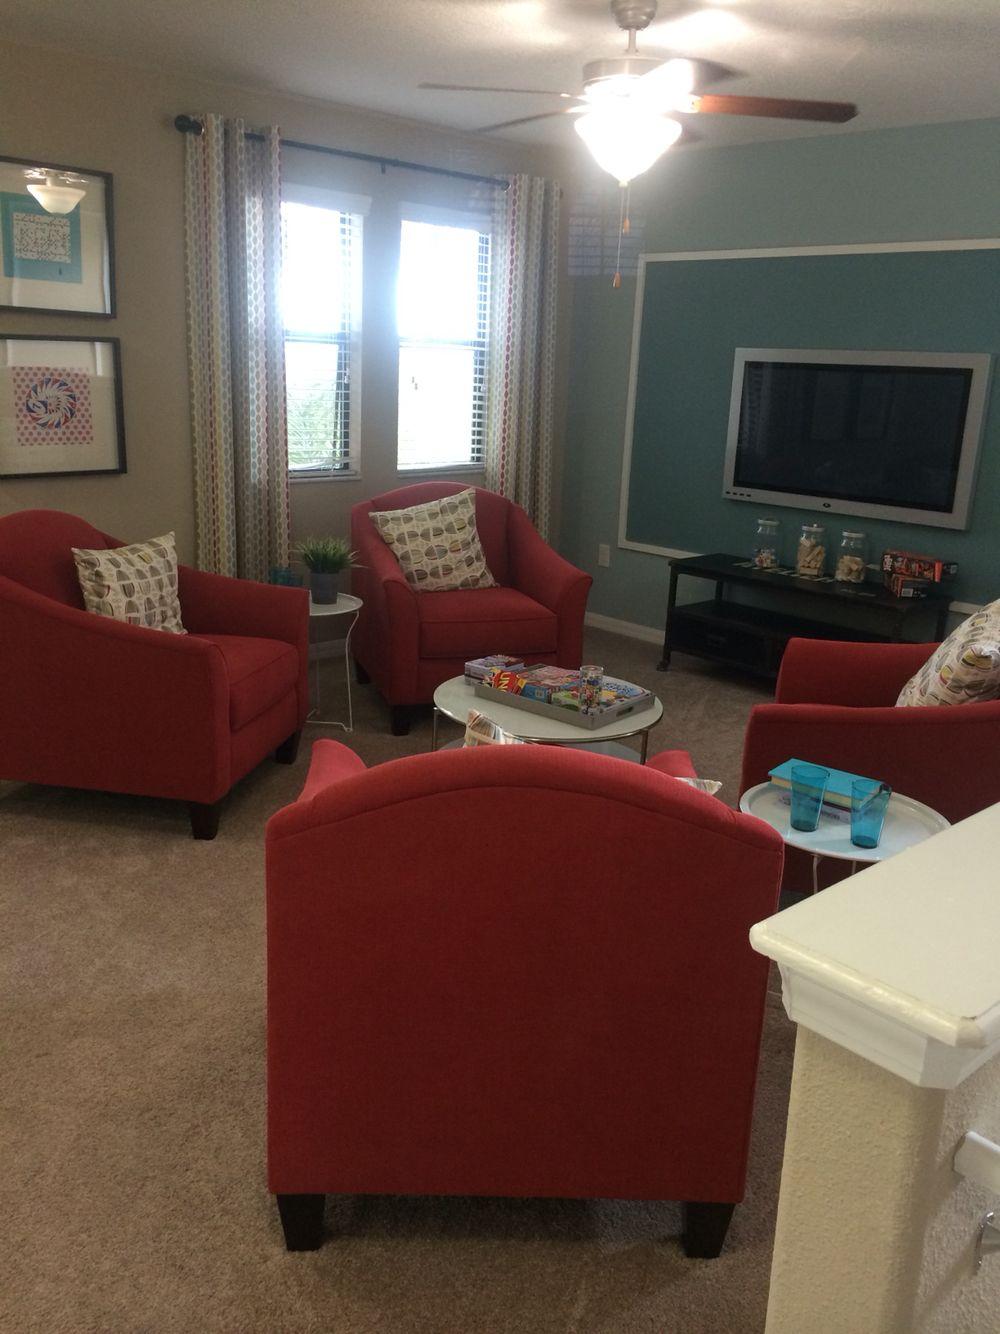 Loft / playroom/ sitting area